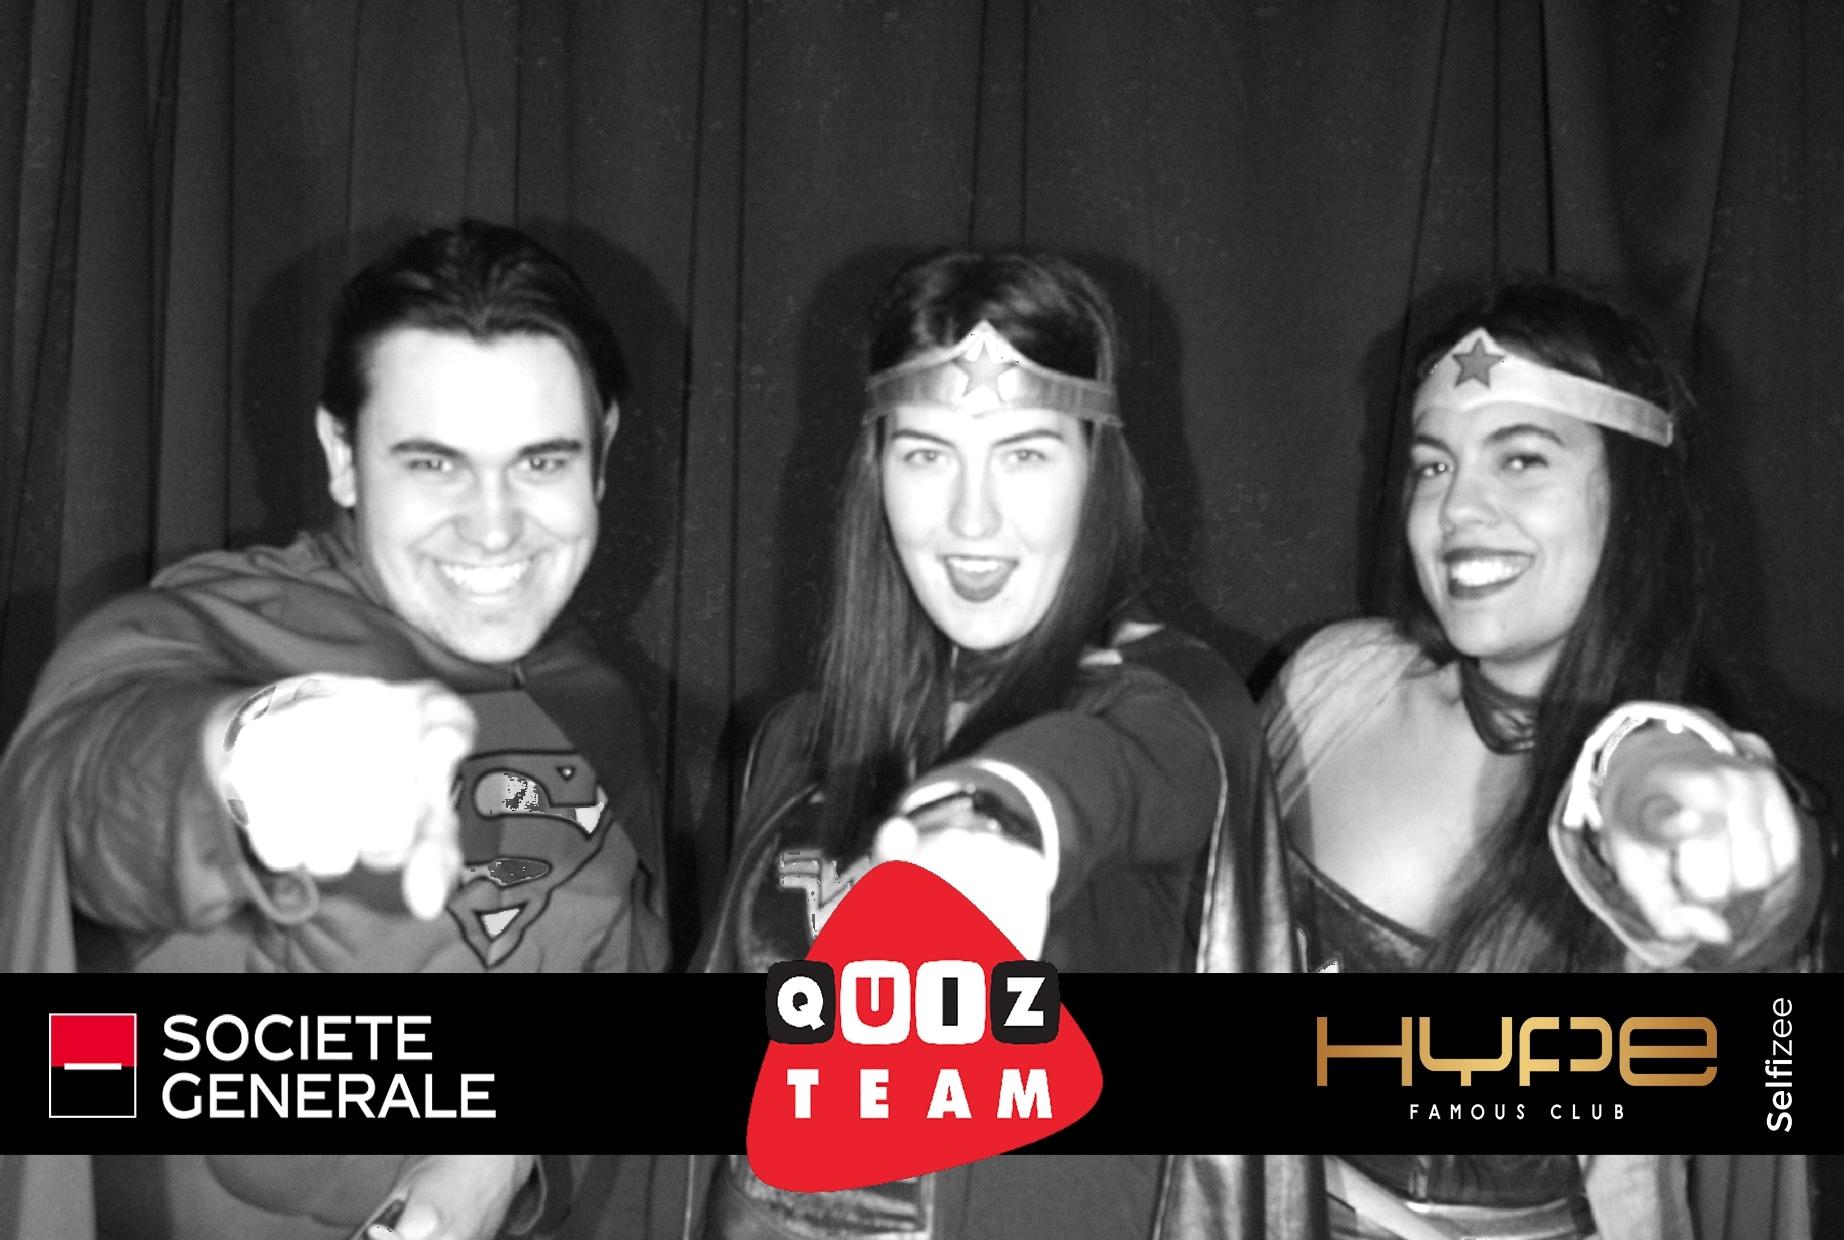 Animation selfie box pour photo personnalisée jeu quiz time Société Générale à la discothèque Hype Famous Club Guipavas près de Brest dans le Finistère